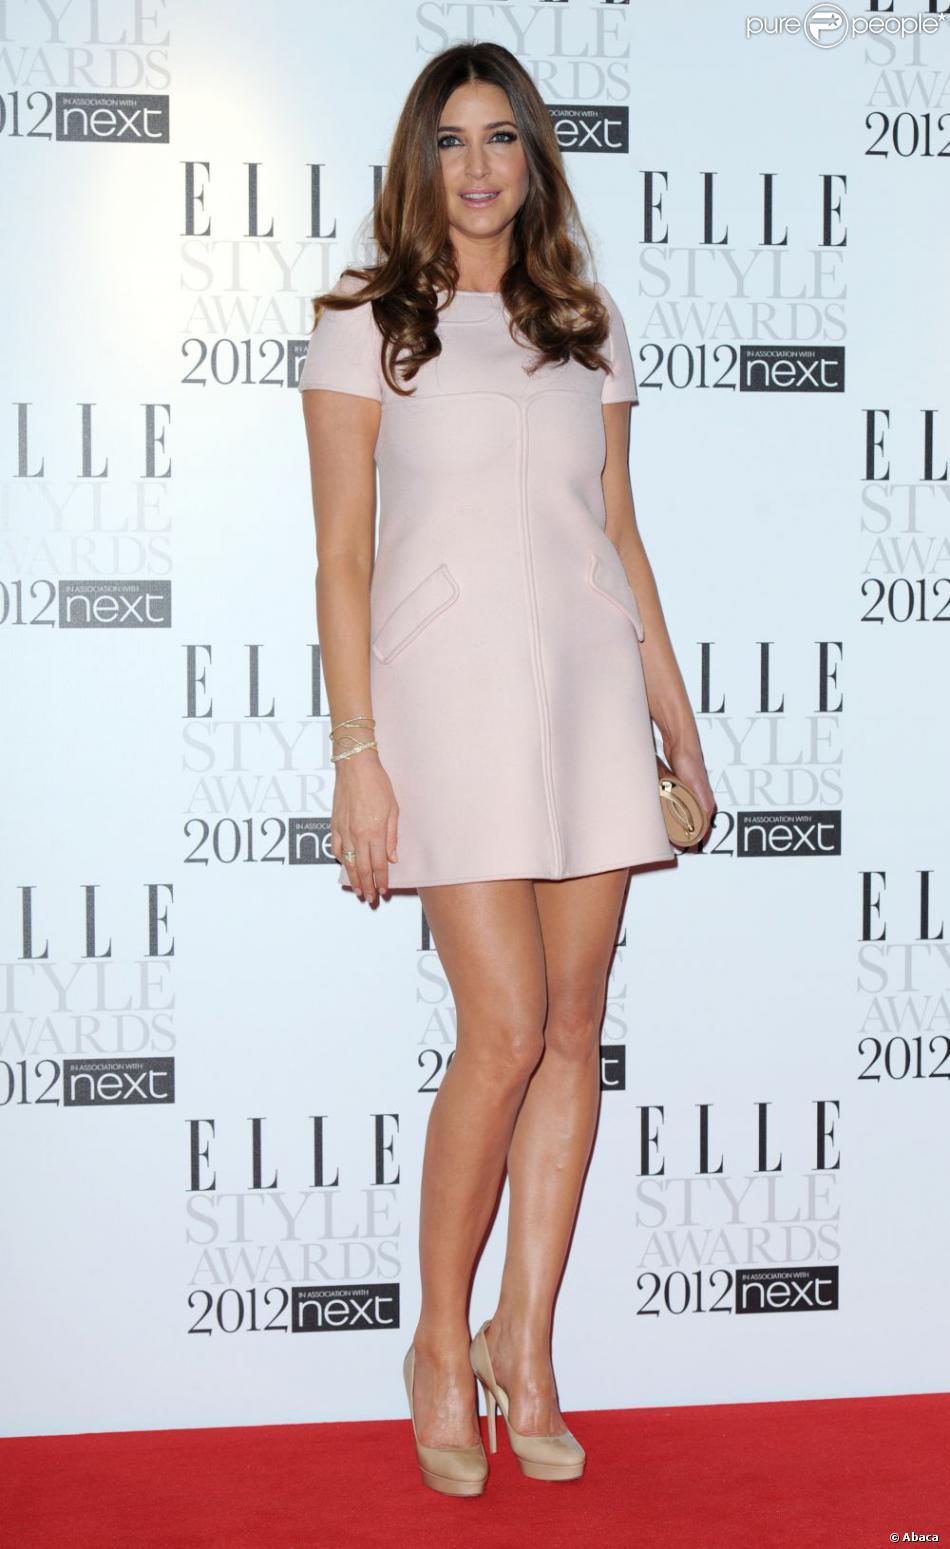 Lisa Snowdon Sexy Dans Une Robe Rose Pale Sur Le Tapis Rouge Des Elle Style Awards 2012 Londres Le 13 Fevrier 2012 Purepeople